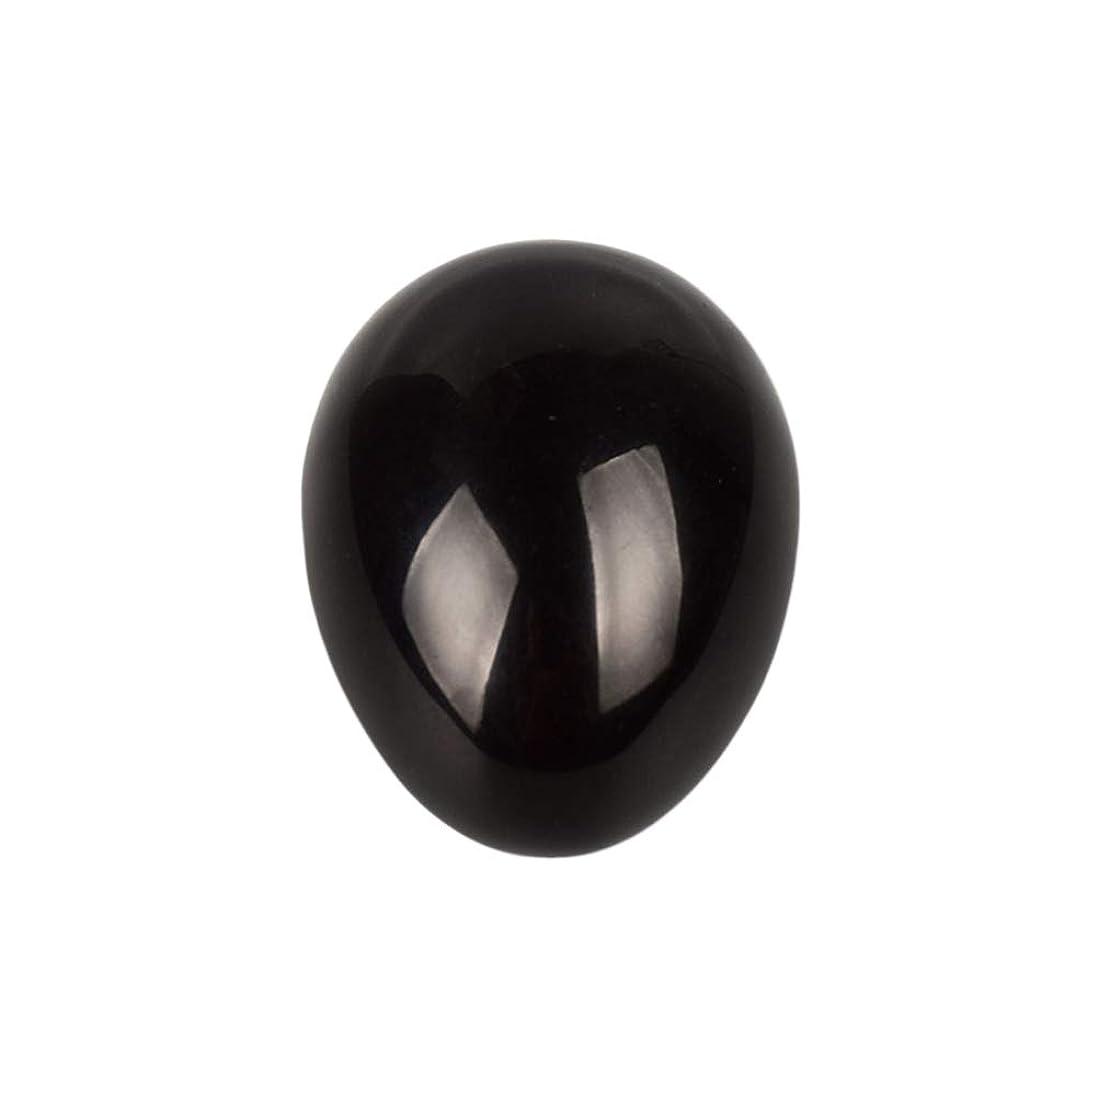 アセ消毒する謎めいたHealifty 癒しの瞑想のための黒い黒曜石の宝石の卵球チャクラのバランスと家の装飾45 * 30 * 30ミリメートル